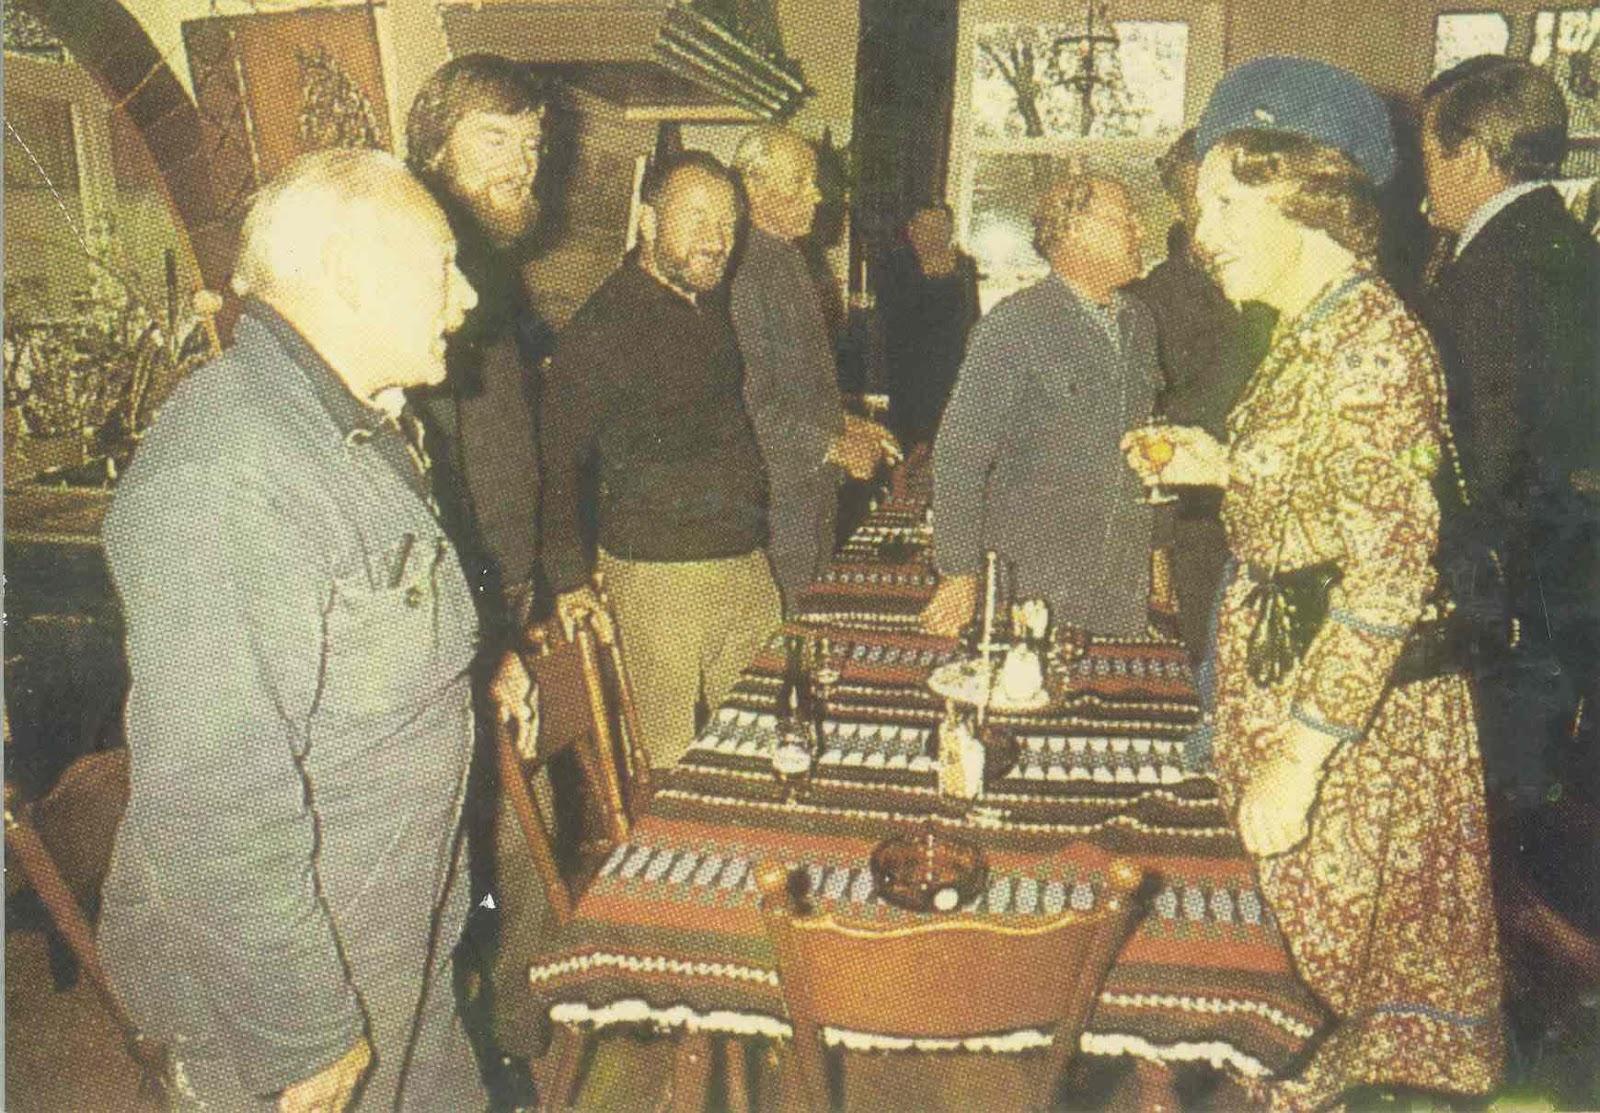 Koningin Beatrix brengt een bezoek aan de reddingboot